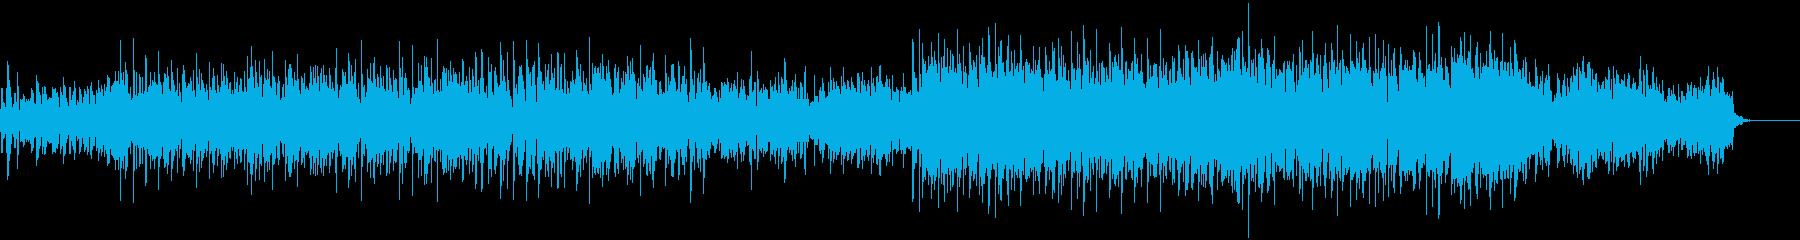 無機質なビートミュージックの再生済みの波形